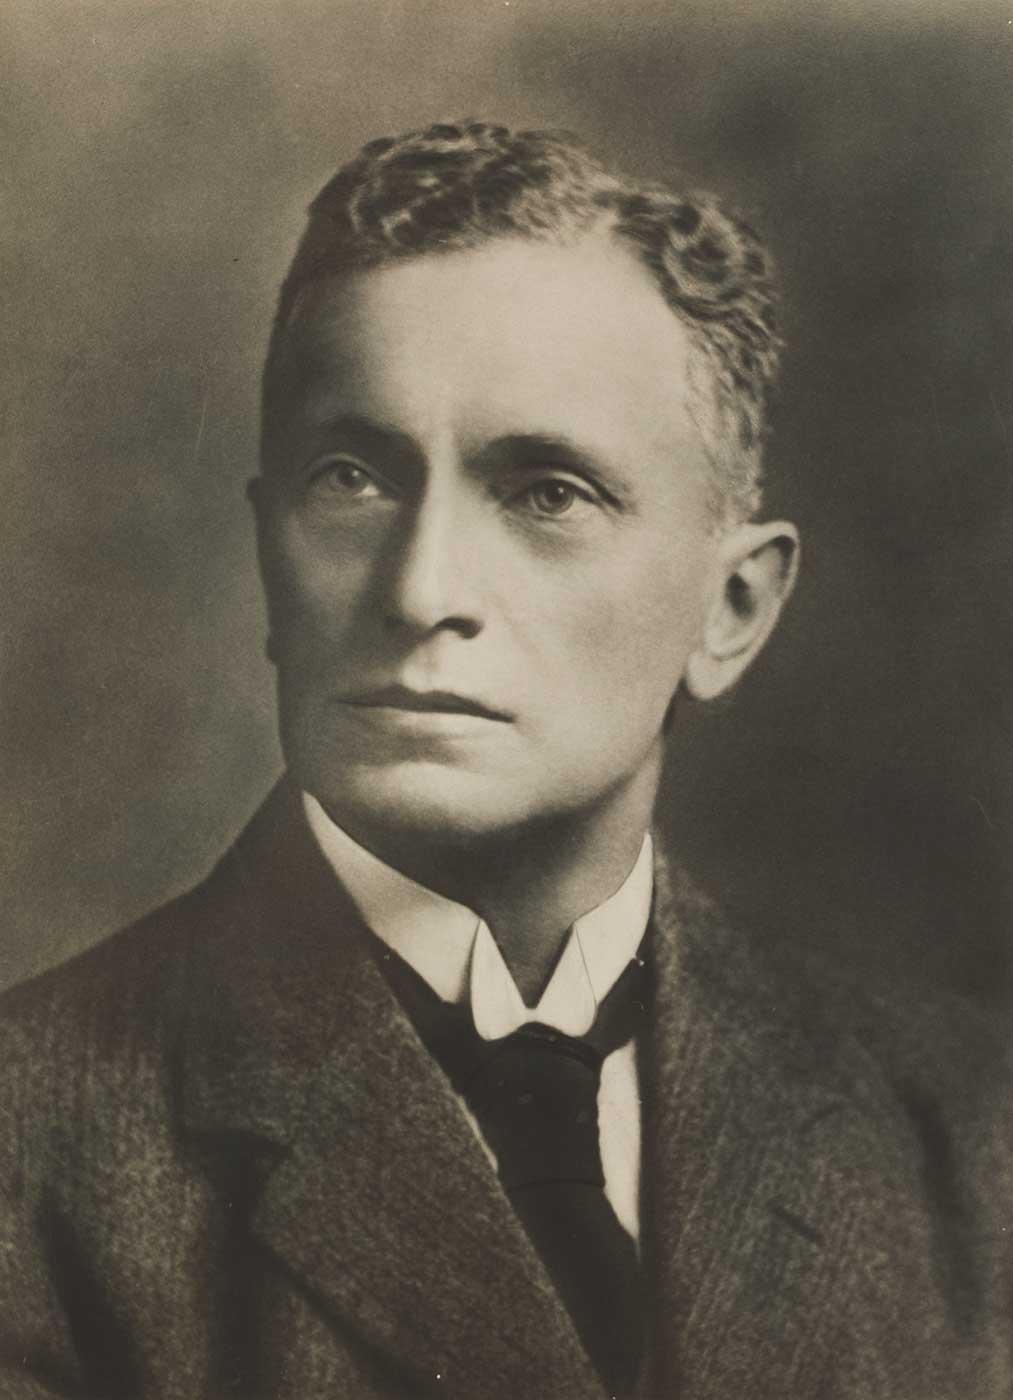 Studio portrait of Herbert Basedow.